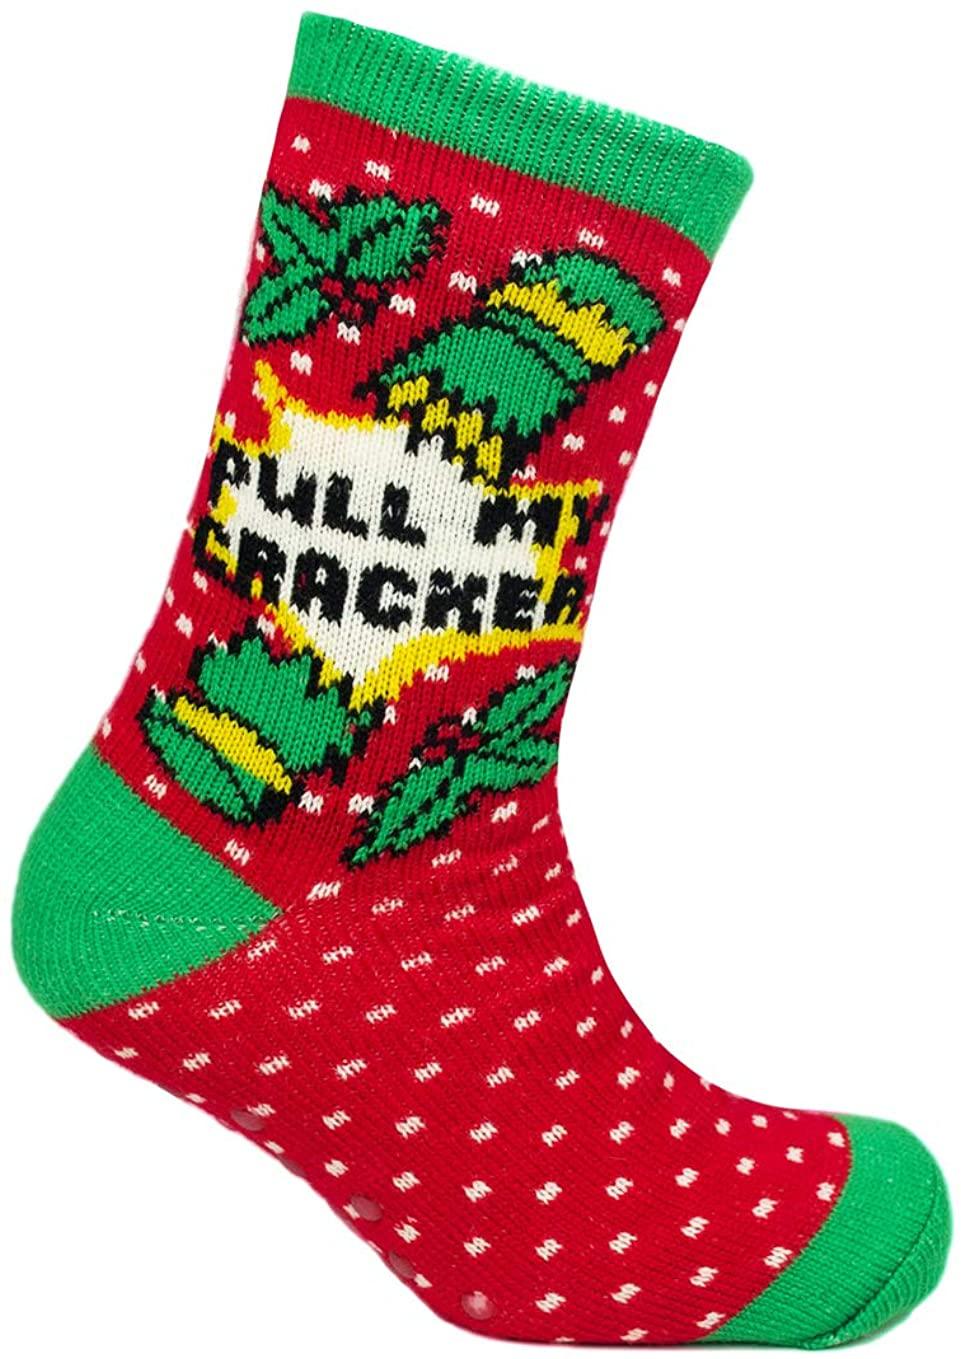 Mens Novelty Christmas Fleece Lined Slipper Socks